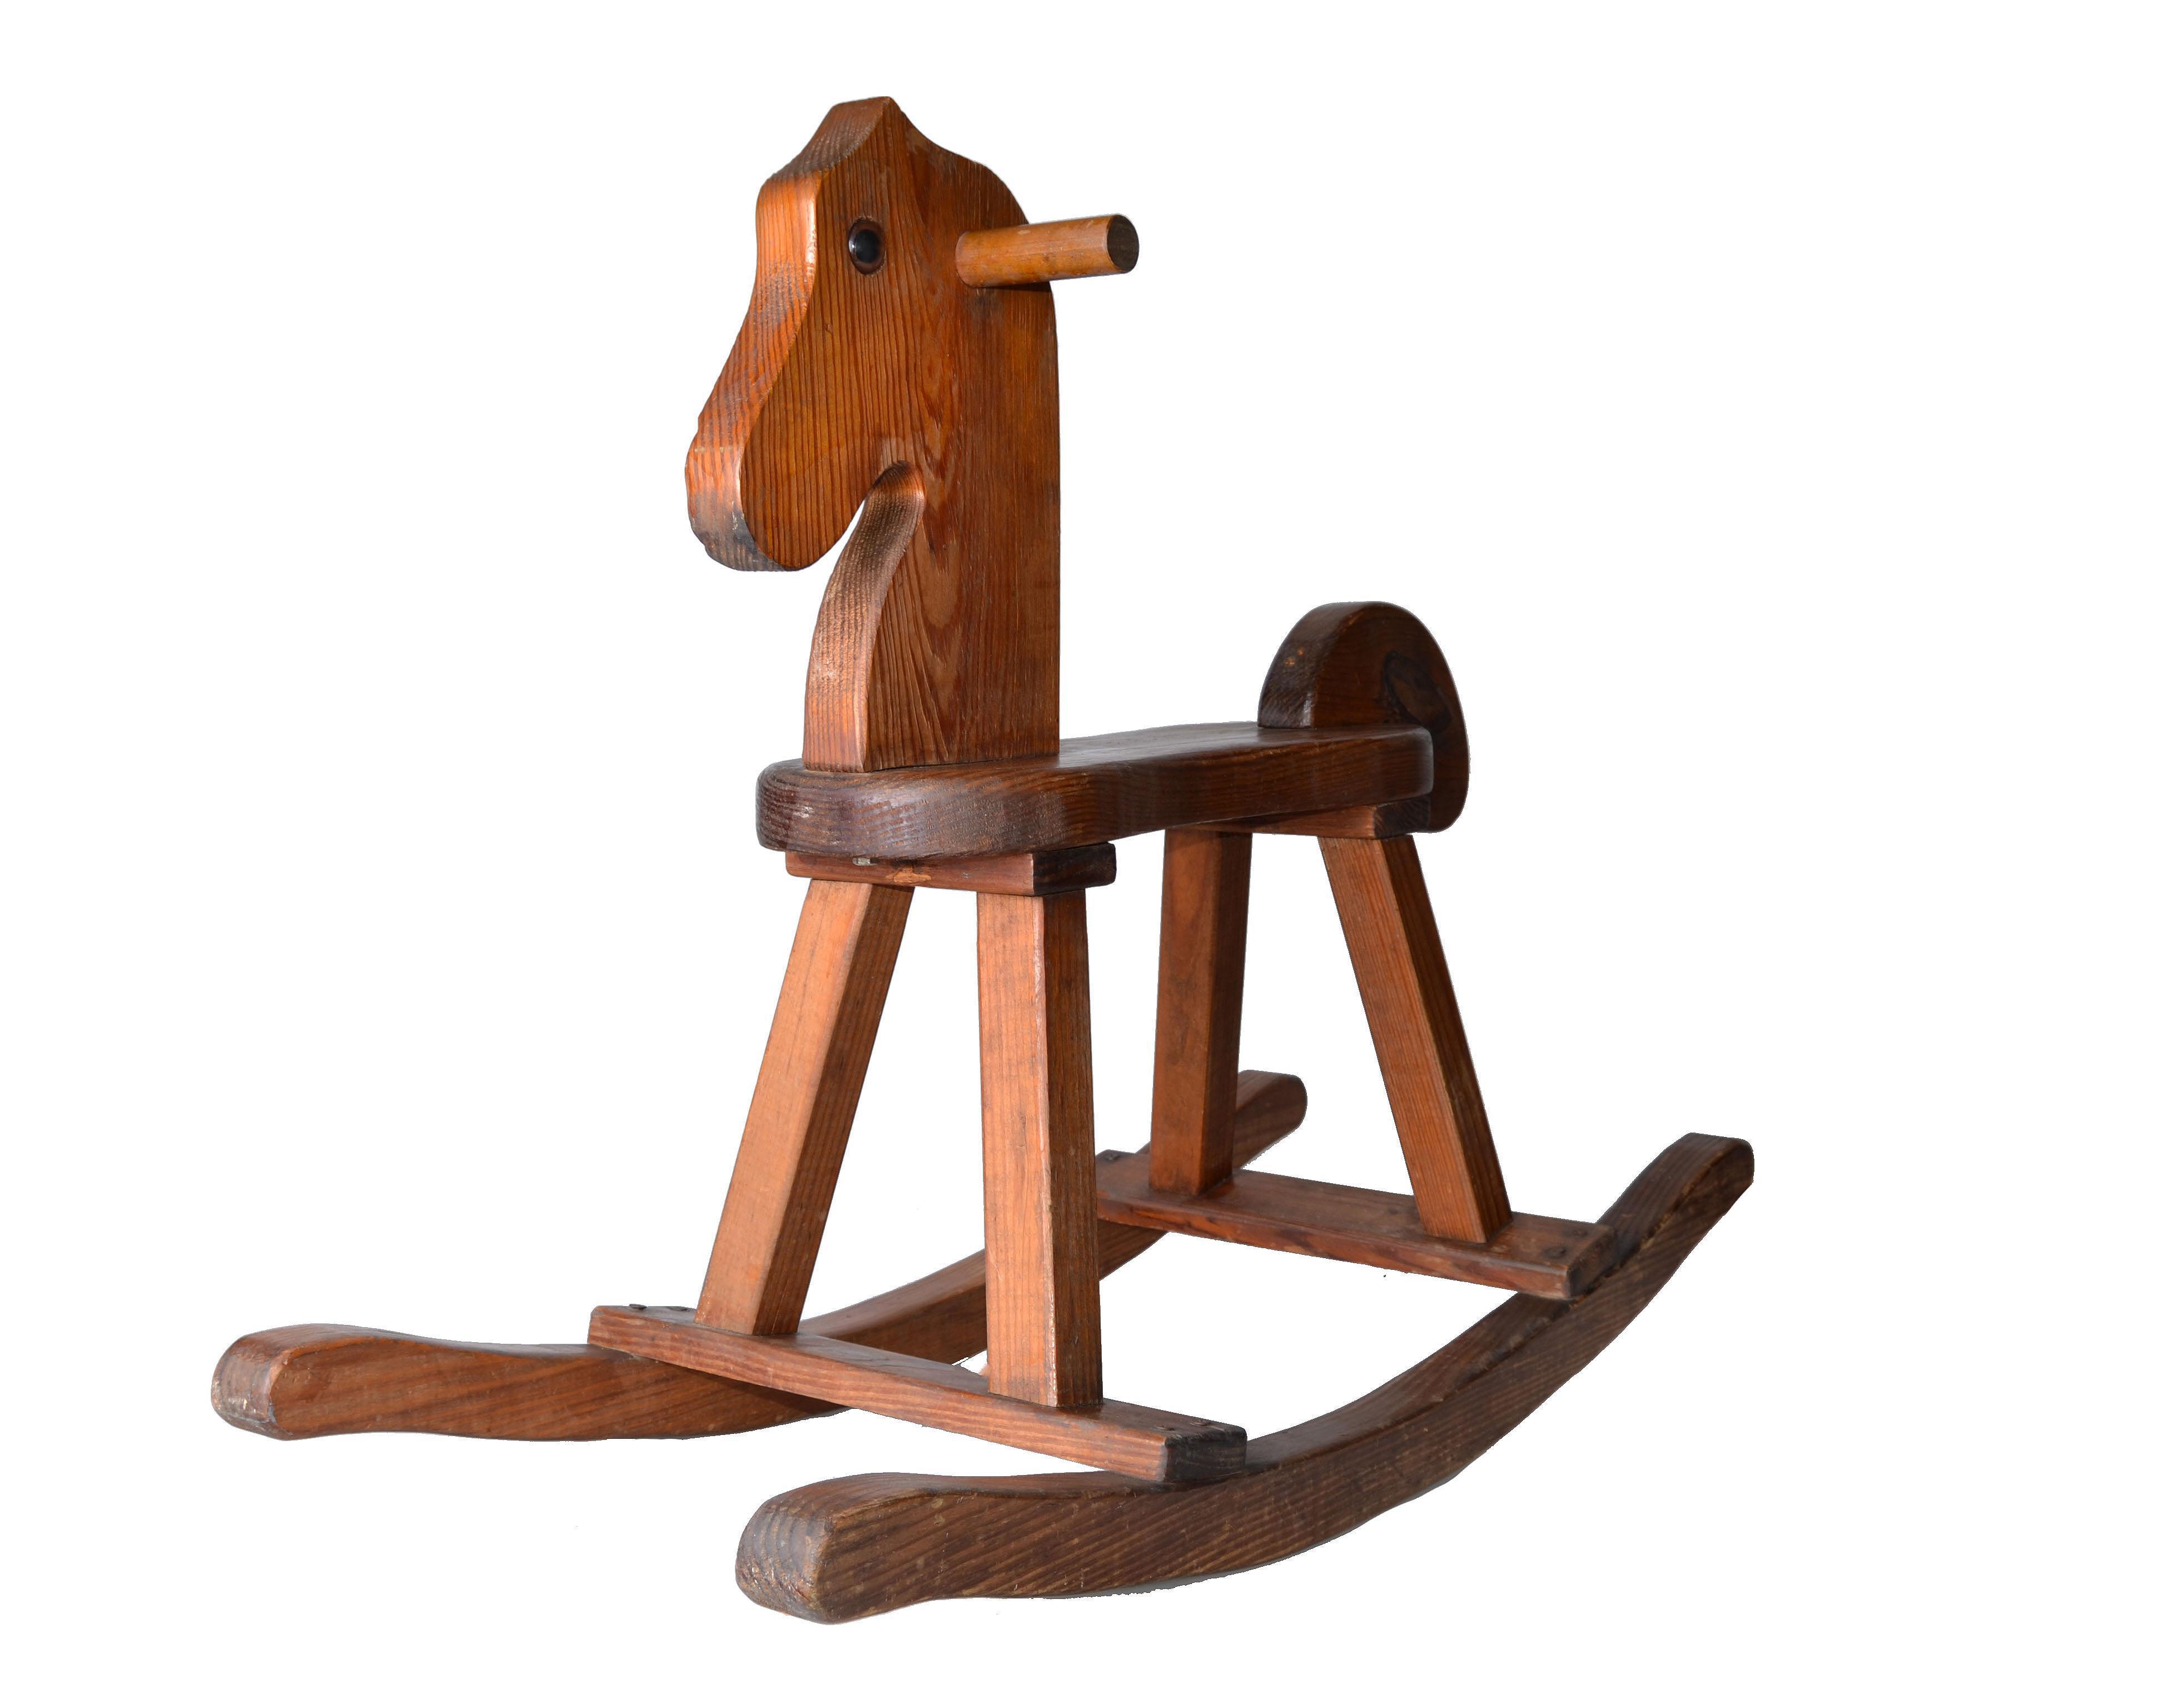 birch wood midcentury modern rocking horse  chairish - image of birch wood midcentury modern rocking horse